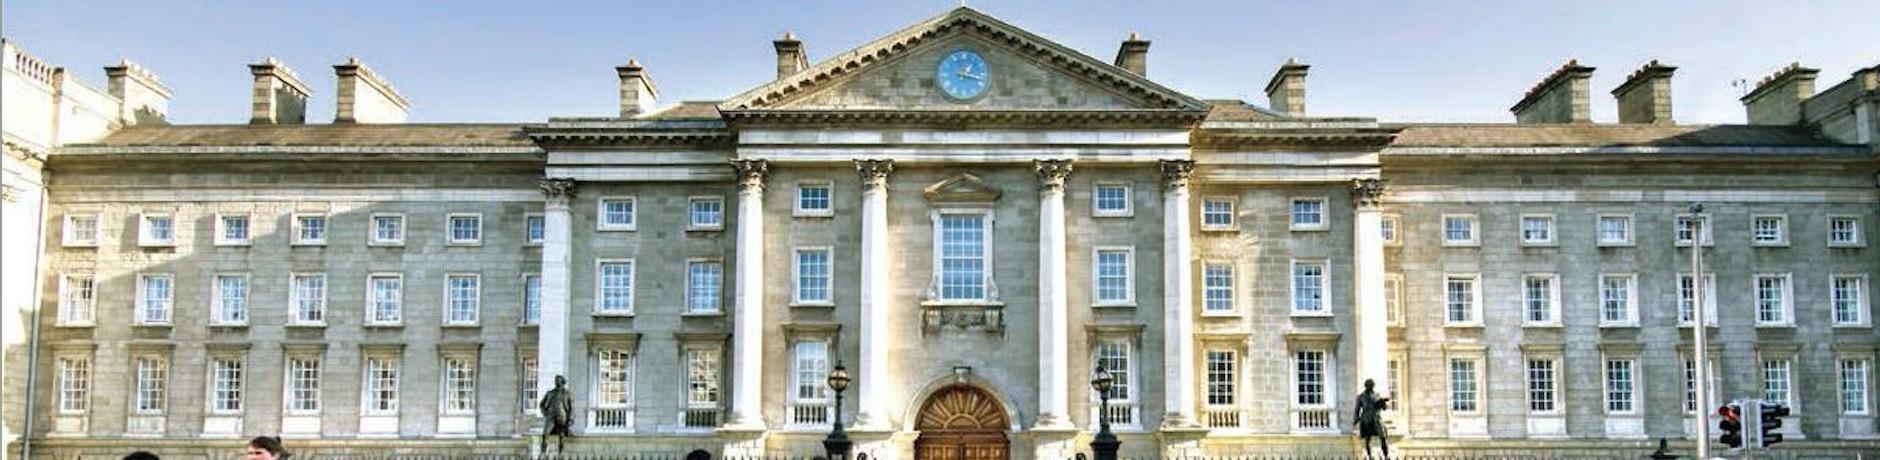 Vacanze studio in irlanda vivi a dublino viaggi e studi for Soggiorno studio in inglese